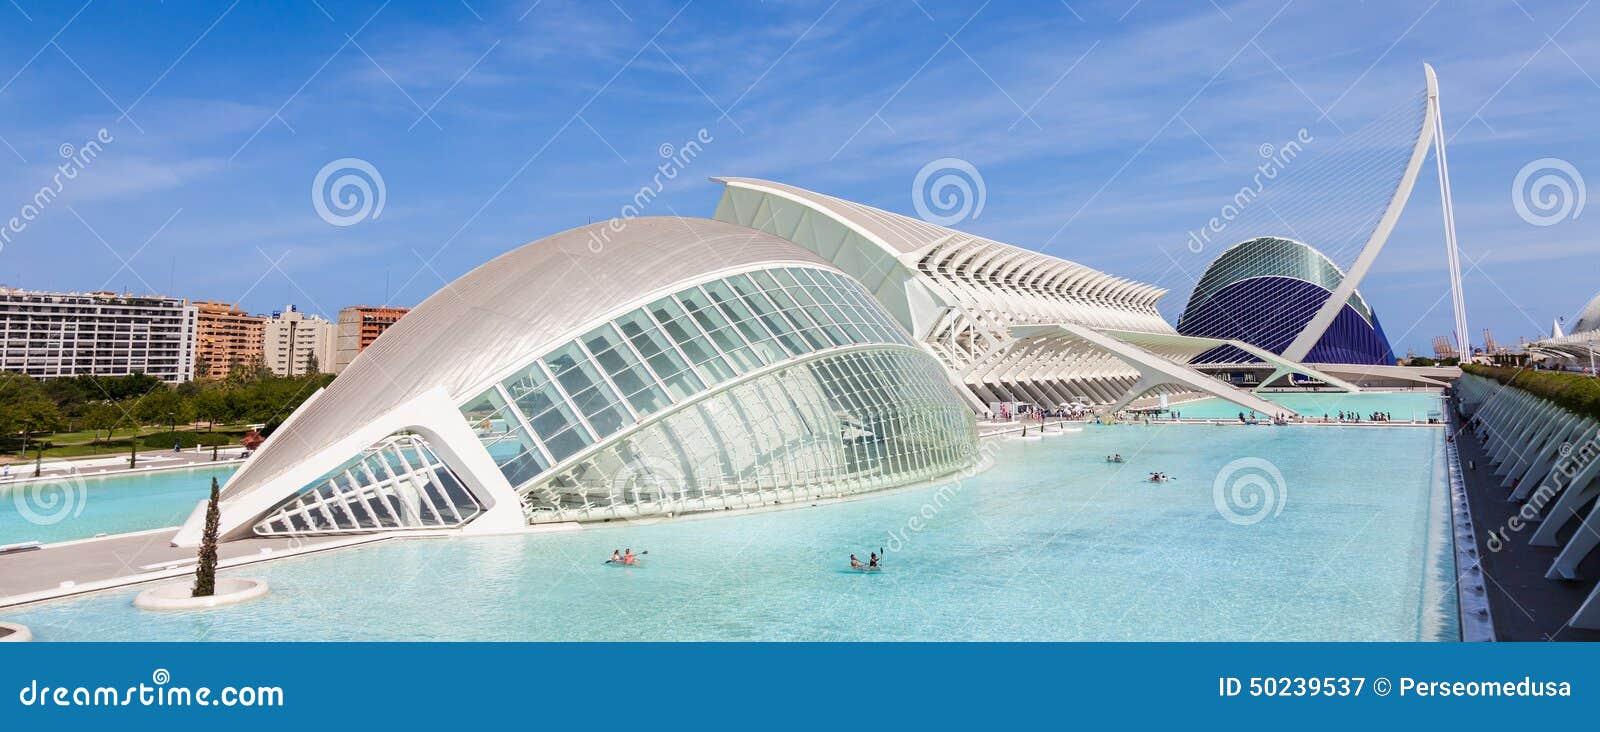 Moderne architektur in valencia redaktionelles for Architektur valencia